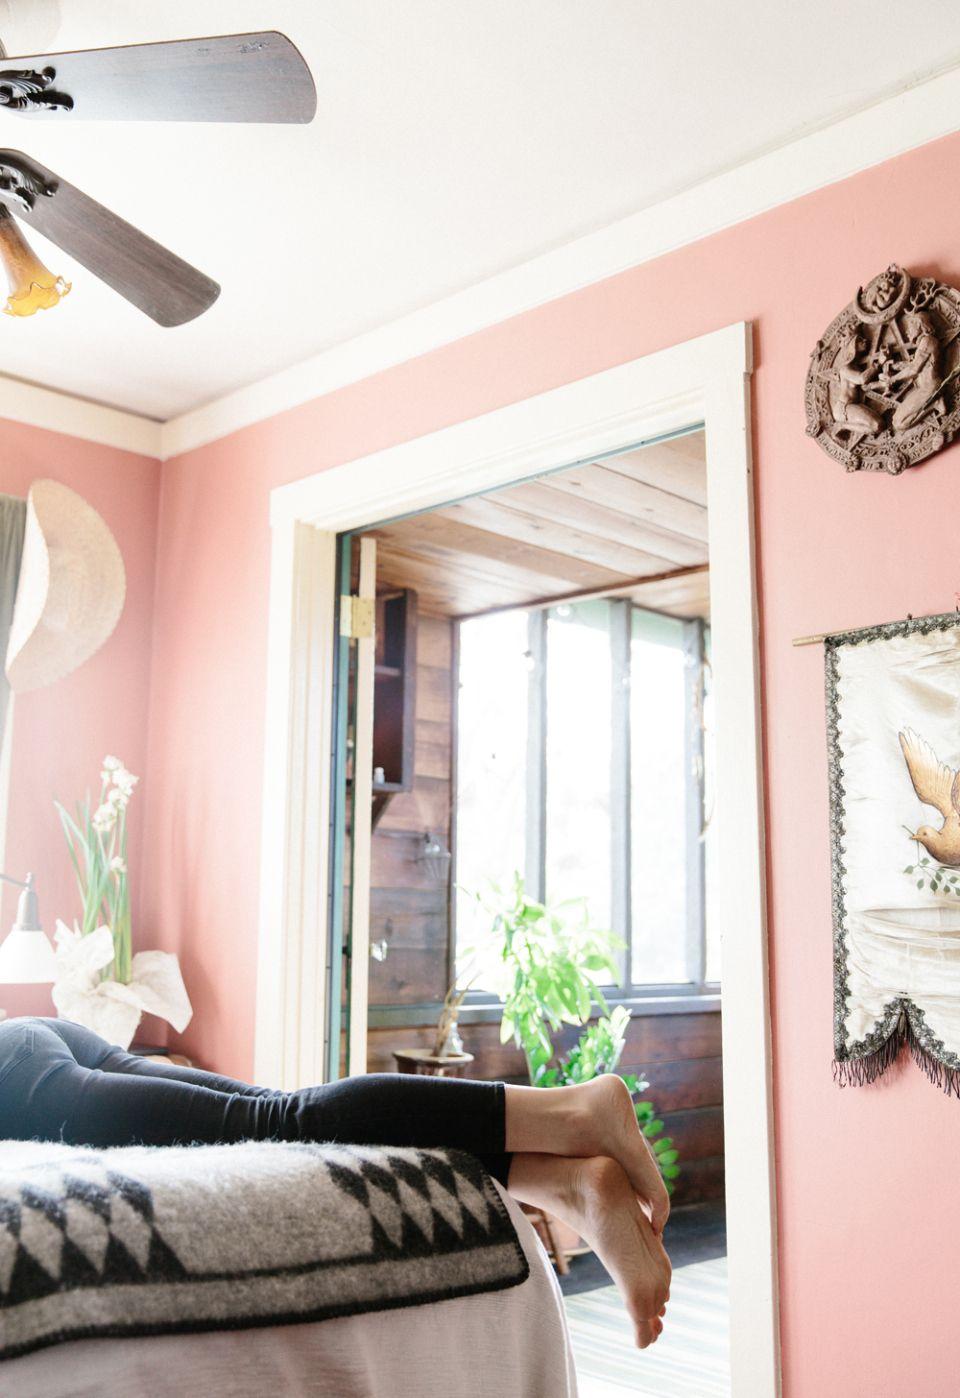 everydaymadewell Photographer Magda Wosinska Pink